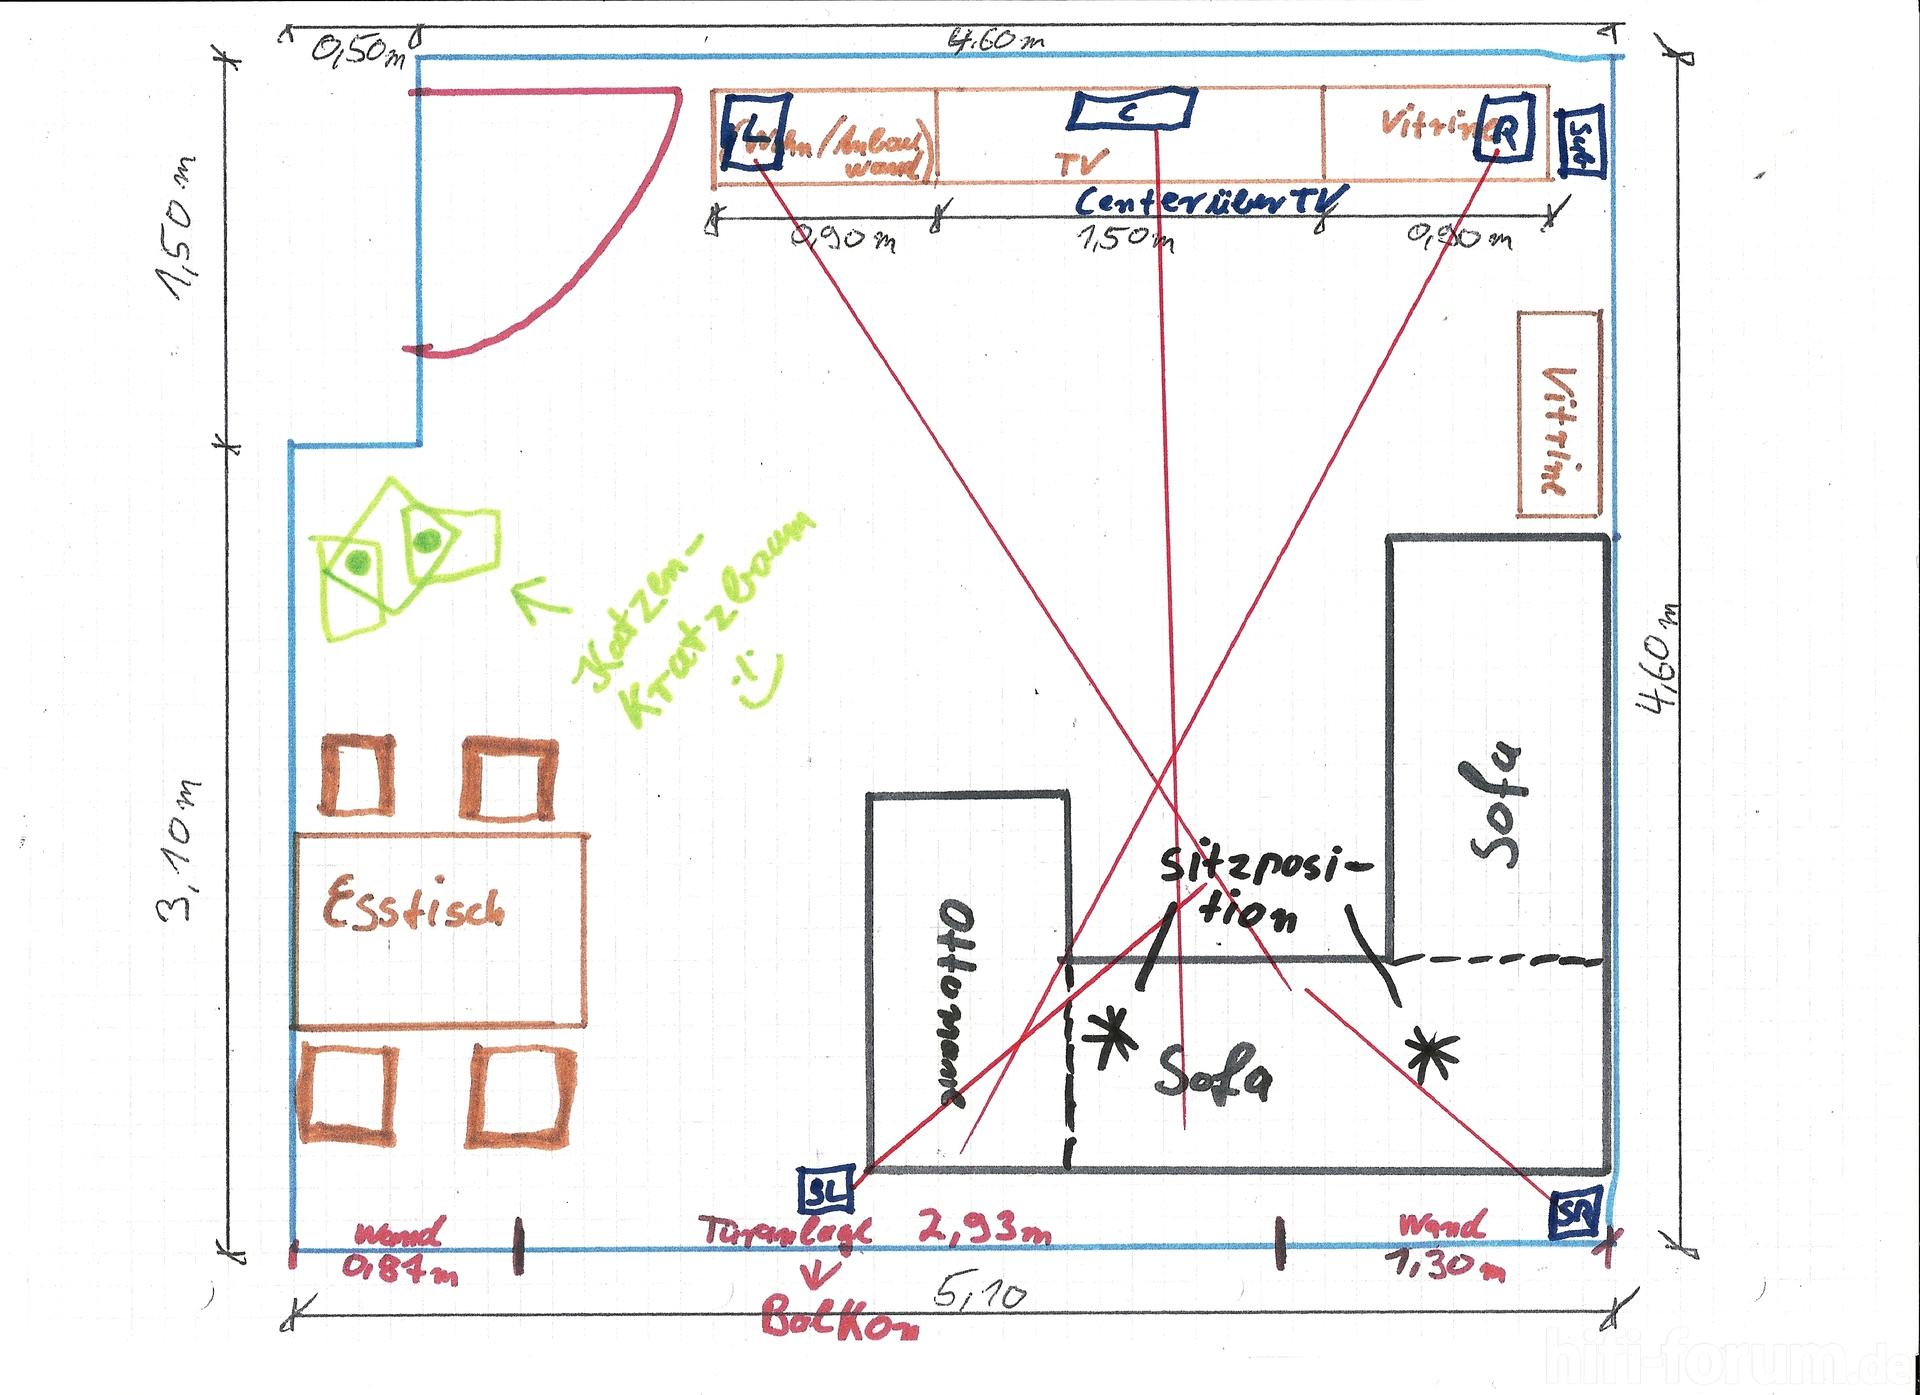 draufsicht wohnzimmer mit details | details, draufsicht, heimkino ... - Wohnzimmer Ideen Beamer